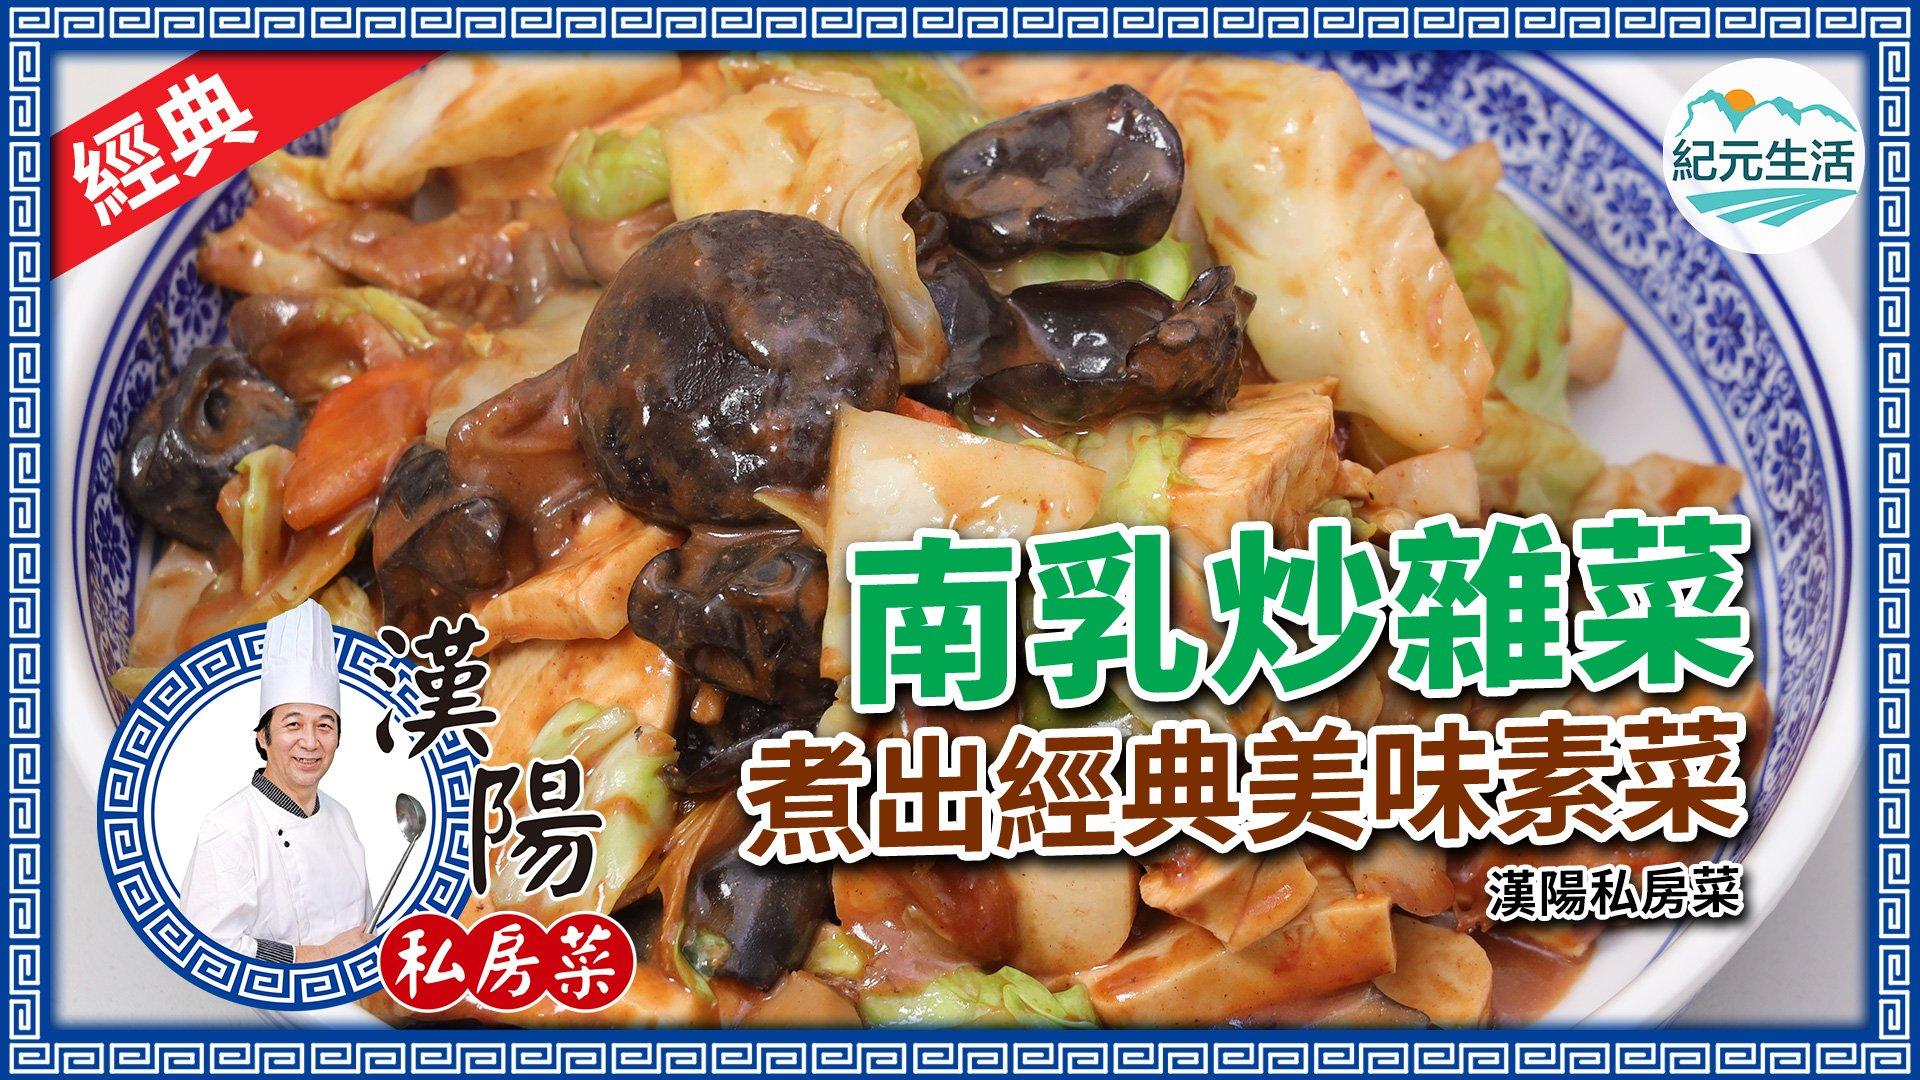 今期漢陽大廚為大家帶來經典美味素菜——南乳炒雜菜!(設計圖片)